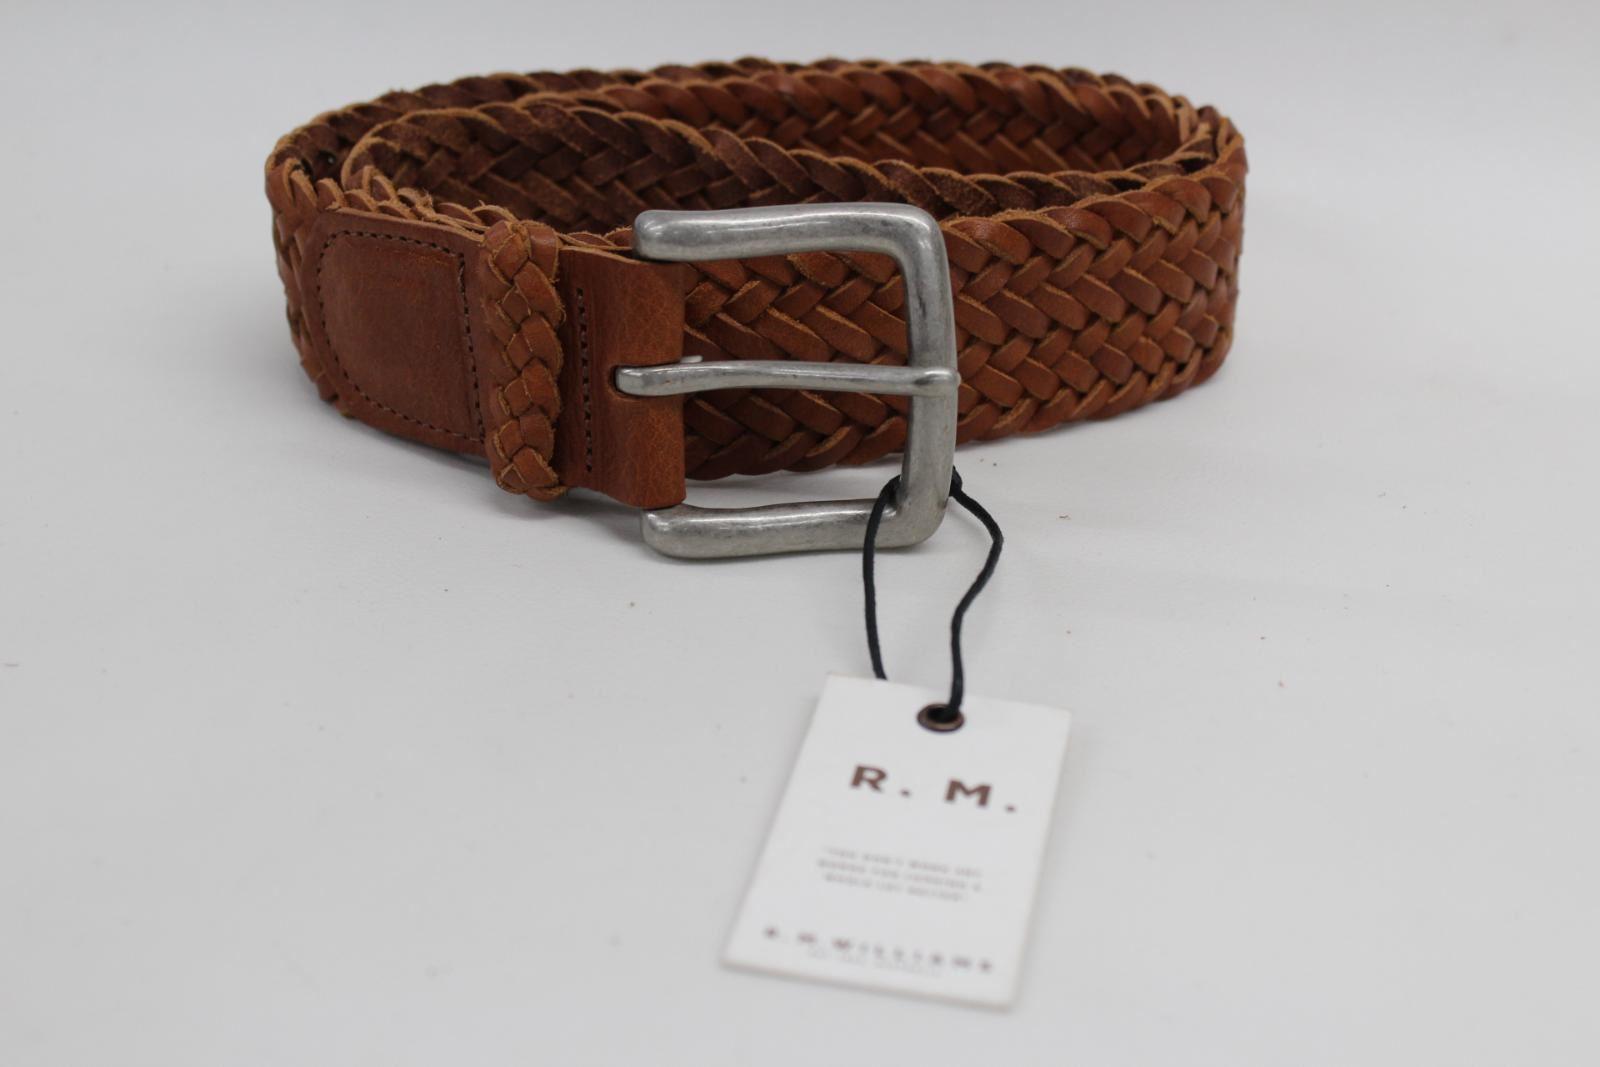 NUOVO-R-M-Williams-in-Pelle-Marrone-Intrecciato-TESSUTA-PIN-buckke-bambra-Cintura-Taglia-32-034